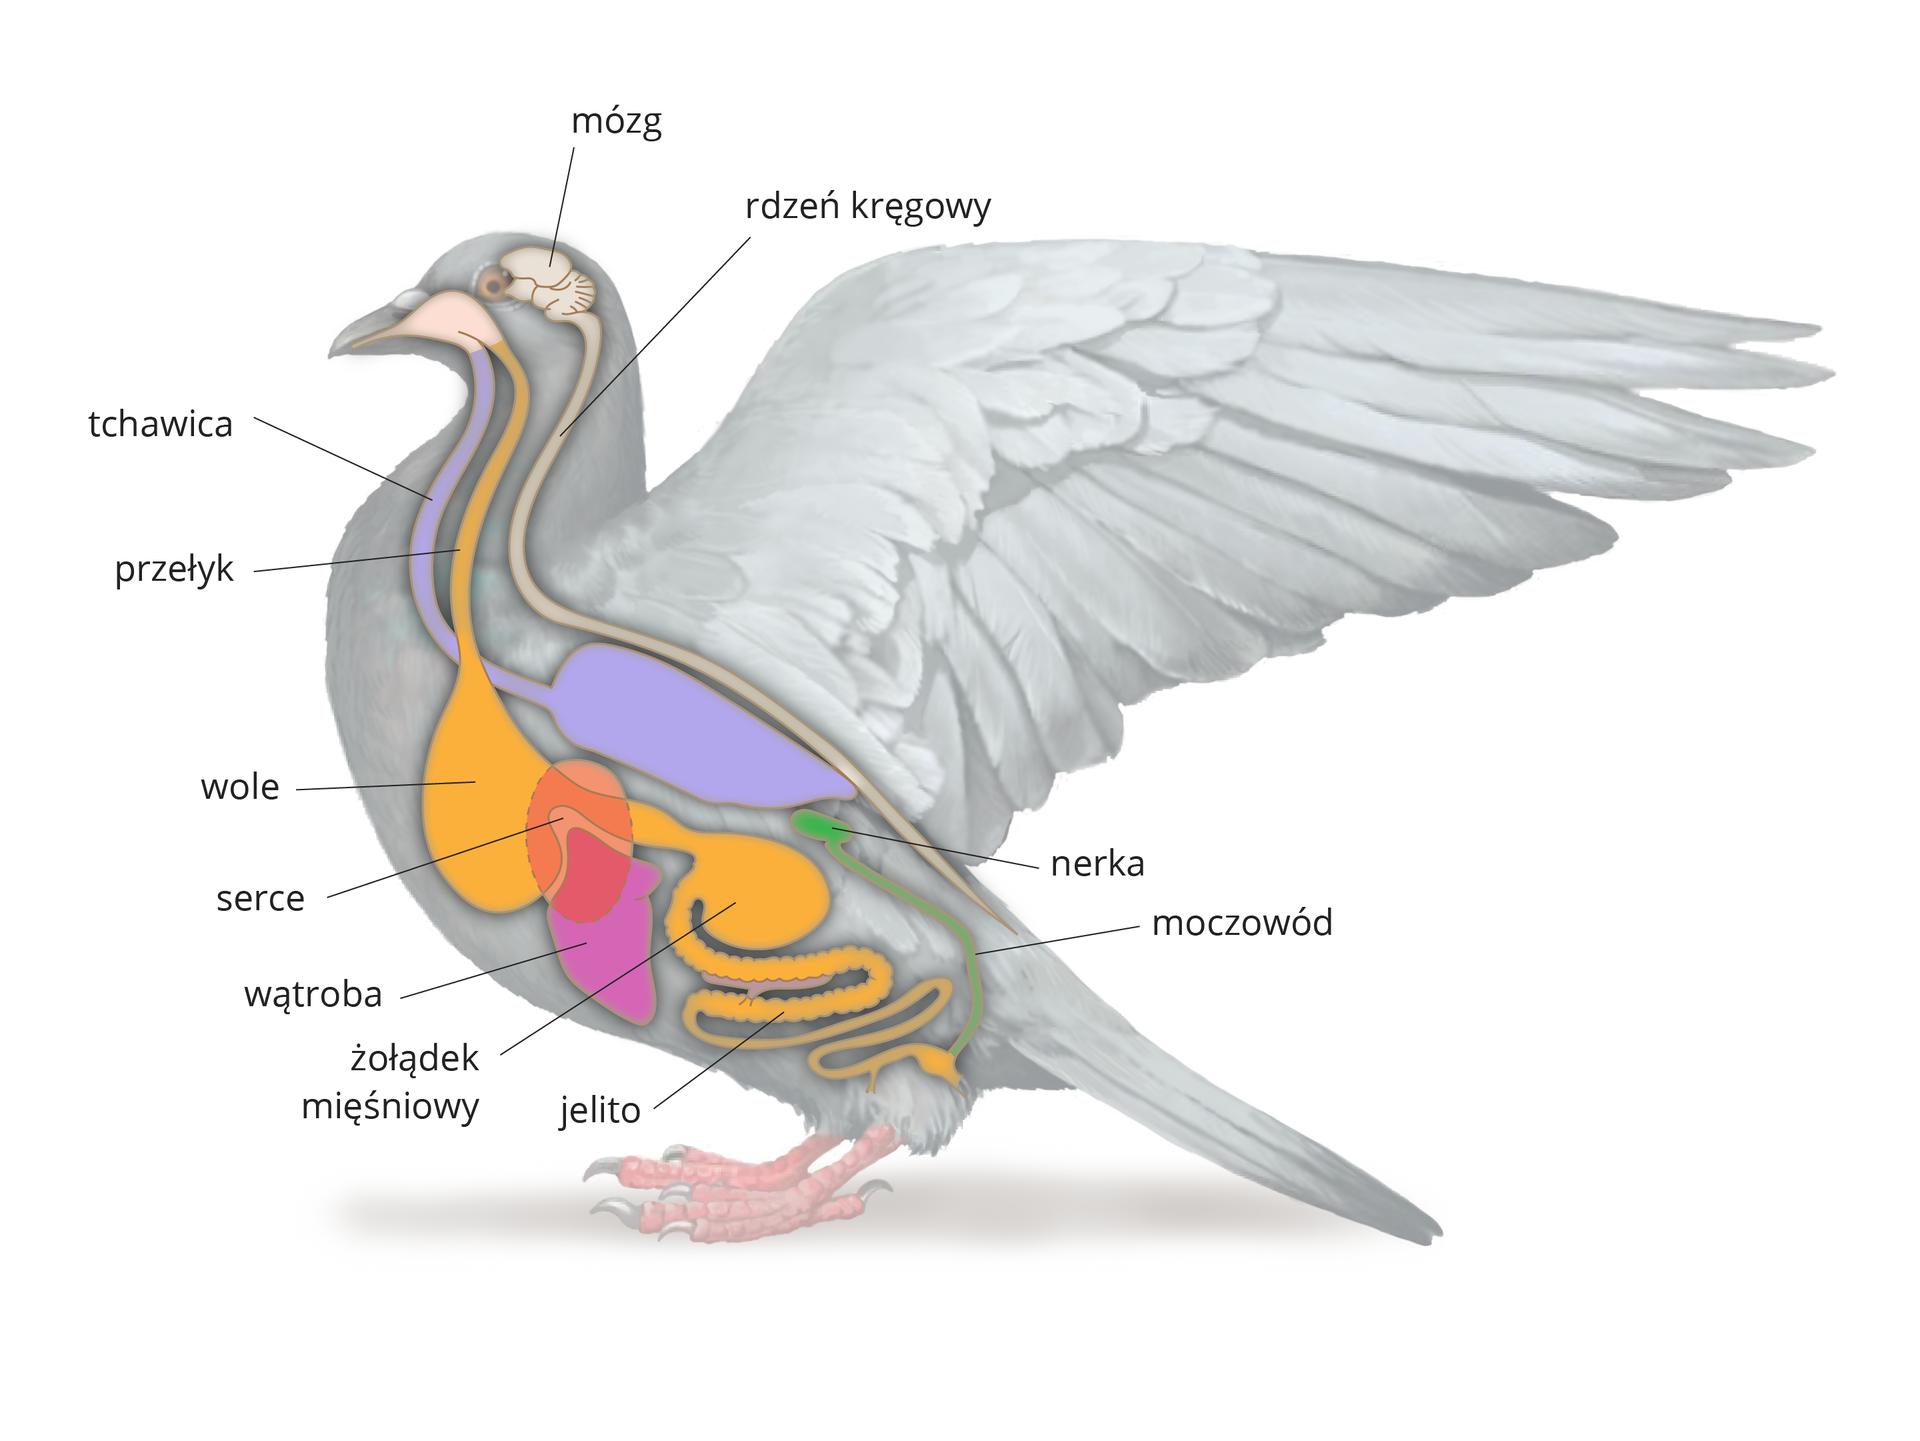 Ilustracja przedstawia szarą sylwetkę gołębia. Wrysowano wnią narządy wewnętrzne, zaznaczone różnymi kolorami. Od góry białawy mózg iwydłużony rdzeń kręgowy. Od dzioba dwa układy. Niebieski oddechowy, czyli tchawica iworkowate płuco. Żółty pokarmowy: przełyk, workowate wole, żołądek mięśniowy, jelito. Na układ pokarmowy nałożona liliowa wątroba iróżowe serce. Ztyłu zielona nerka imoczowód.